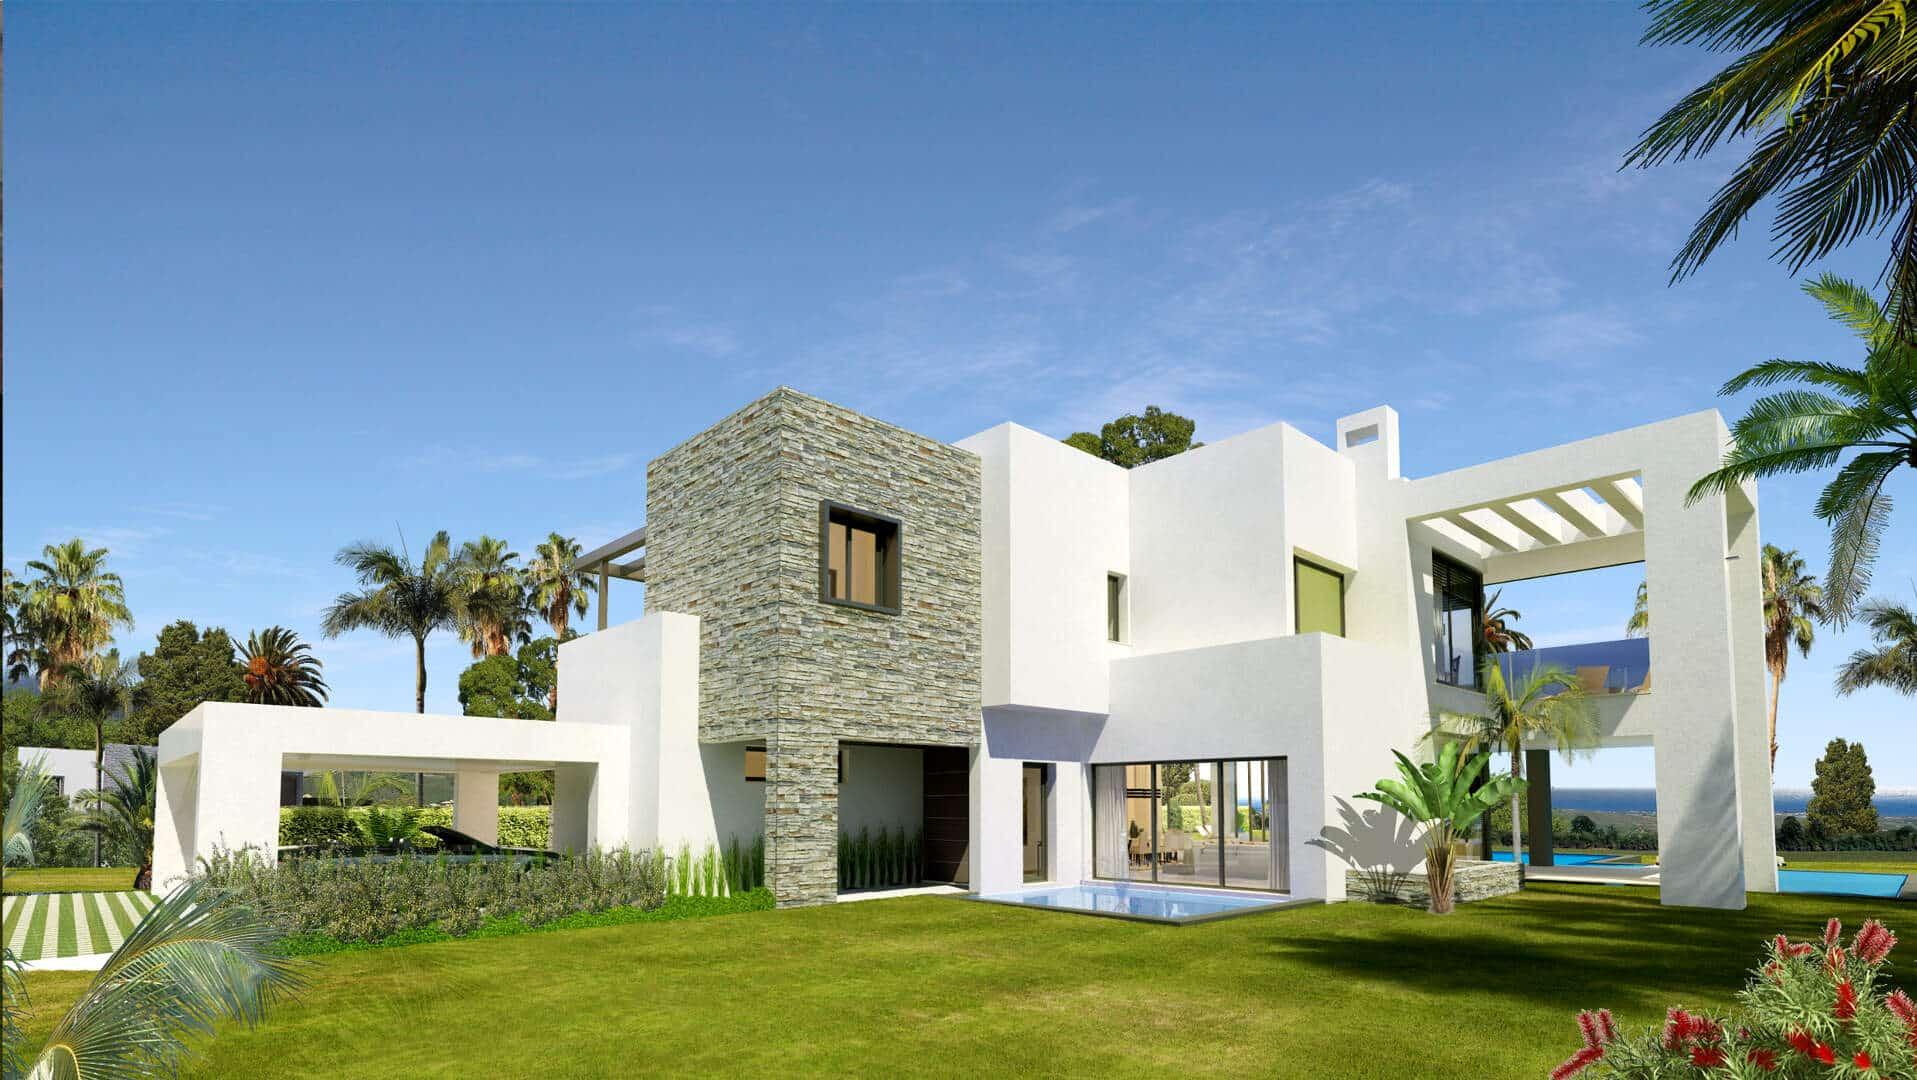 Concept villas for sale lomas de marbella club realista - Marbella club villas ...